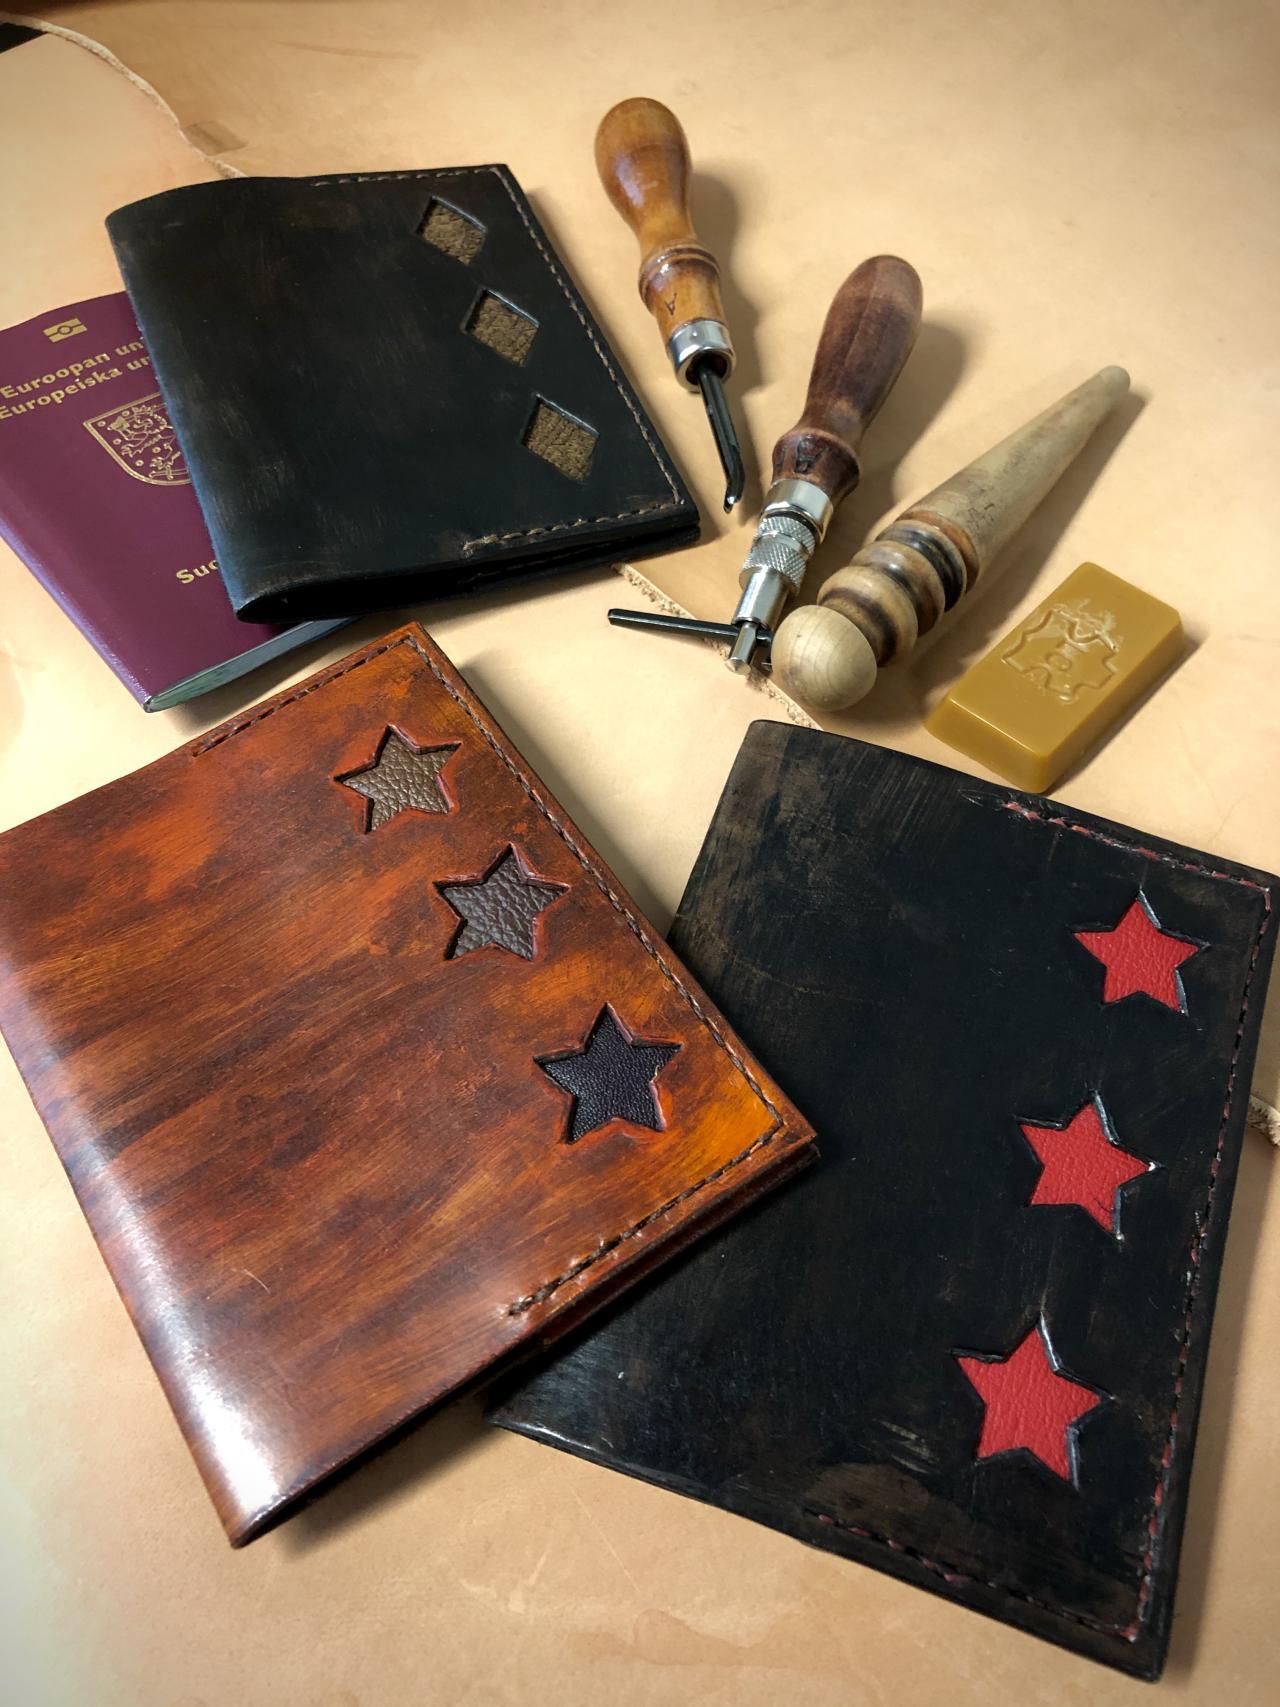 Nahasta valmistettuja passikoteloita, joissa intarsiatekniikalla tehtyjä tähti- ja salmiakkikuvioita. Taustalla nahkatyökaluja.